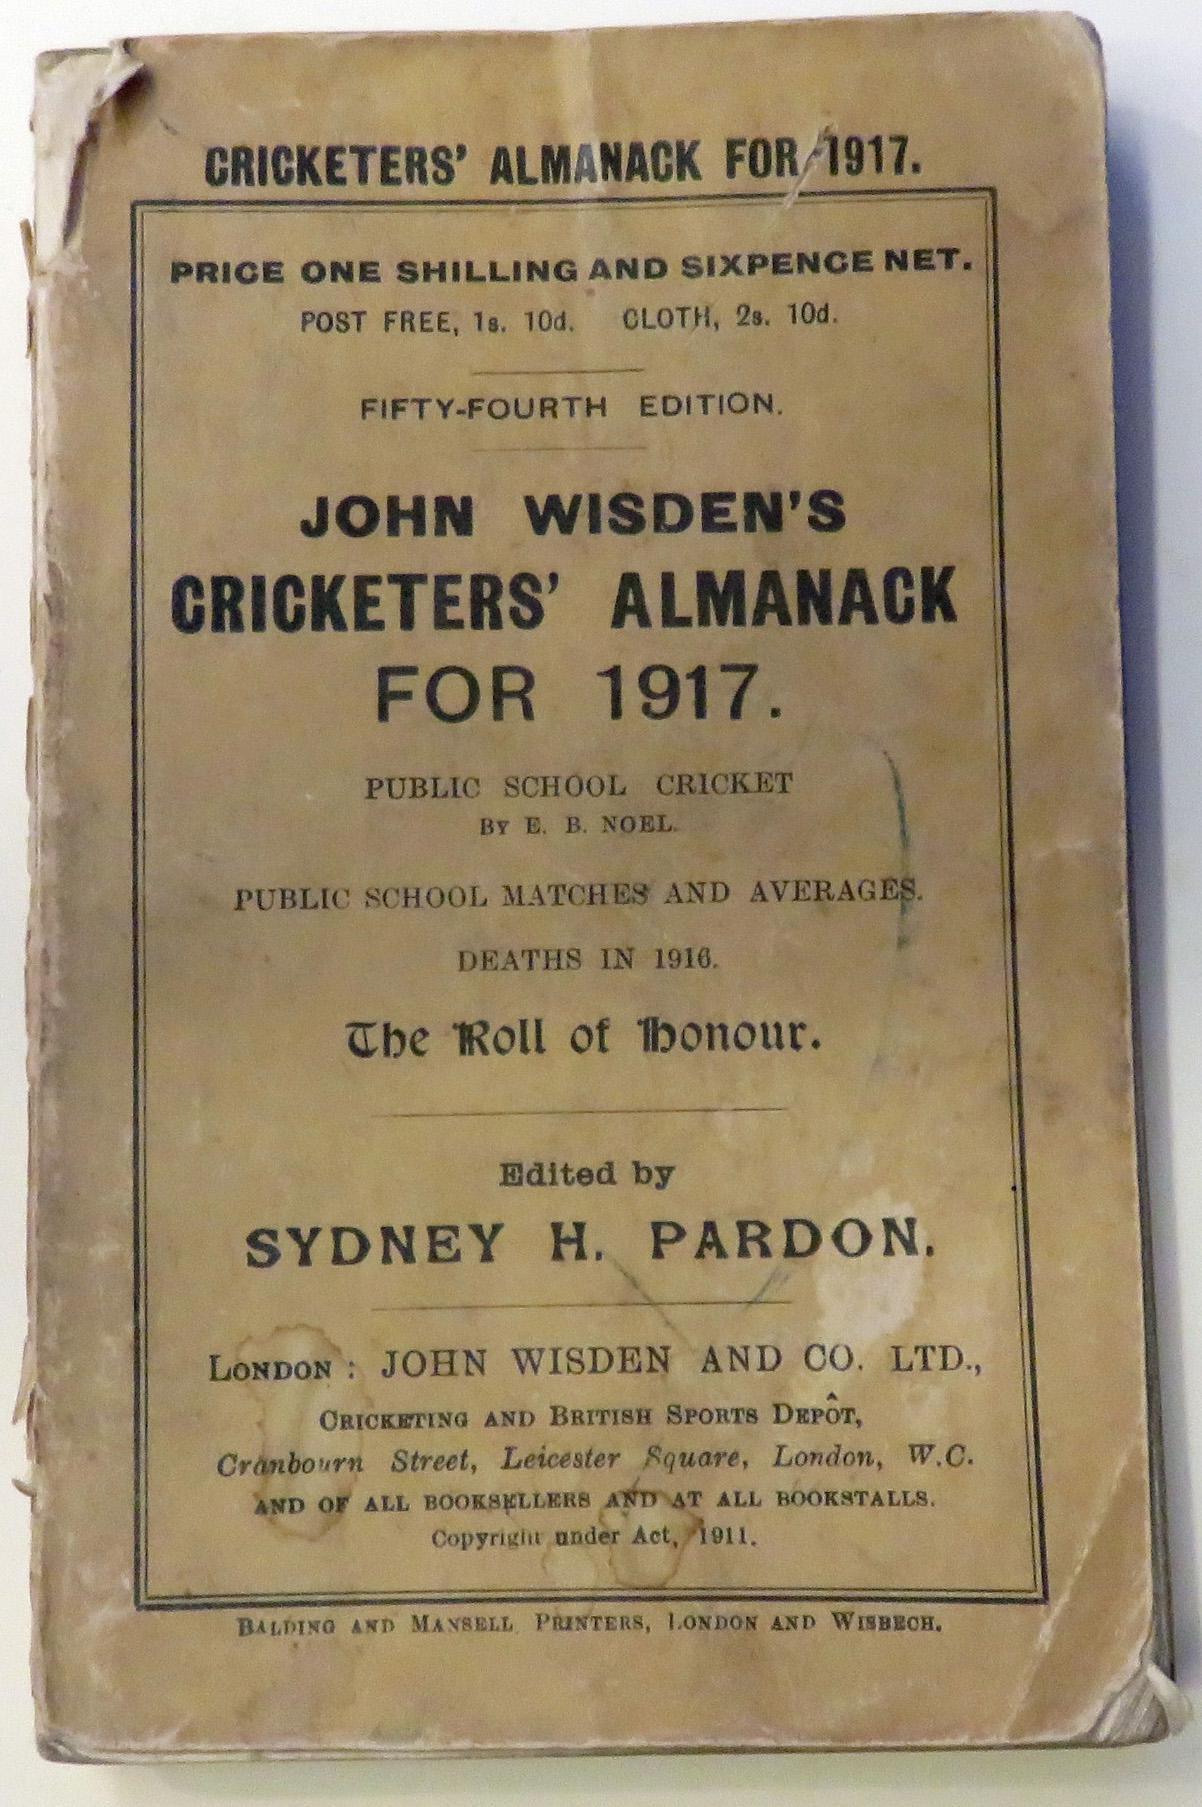 **John Wisden's Cricketers' Almanack For 1917